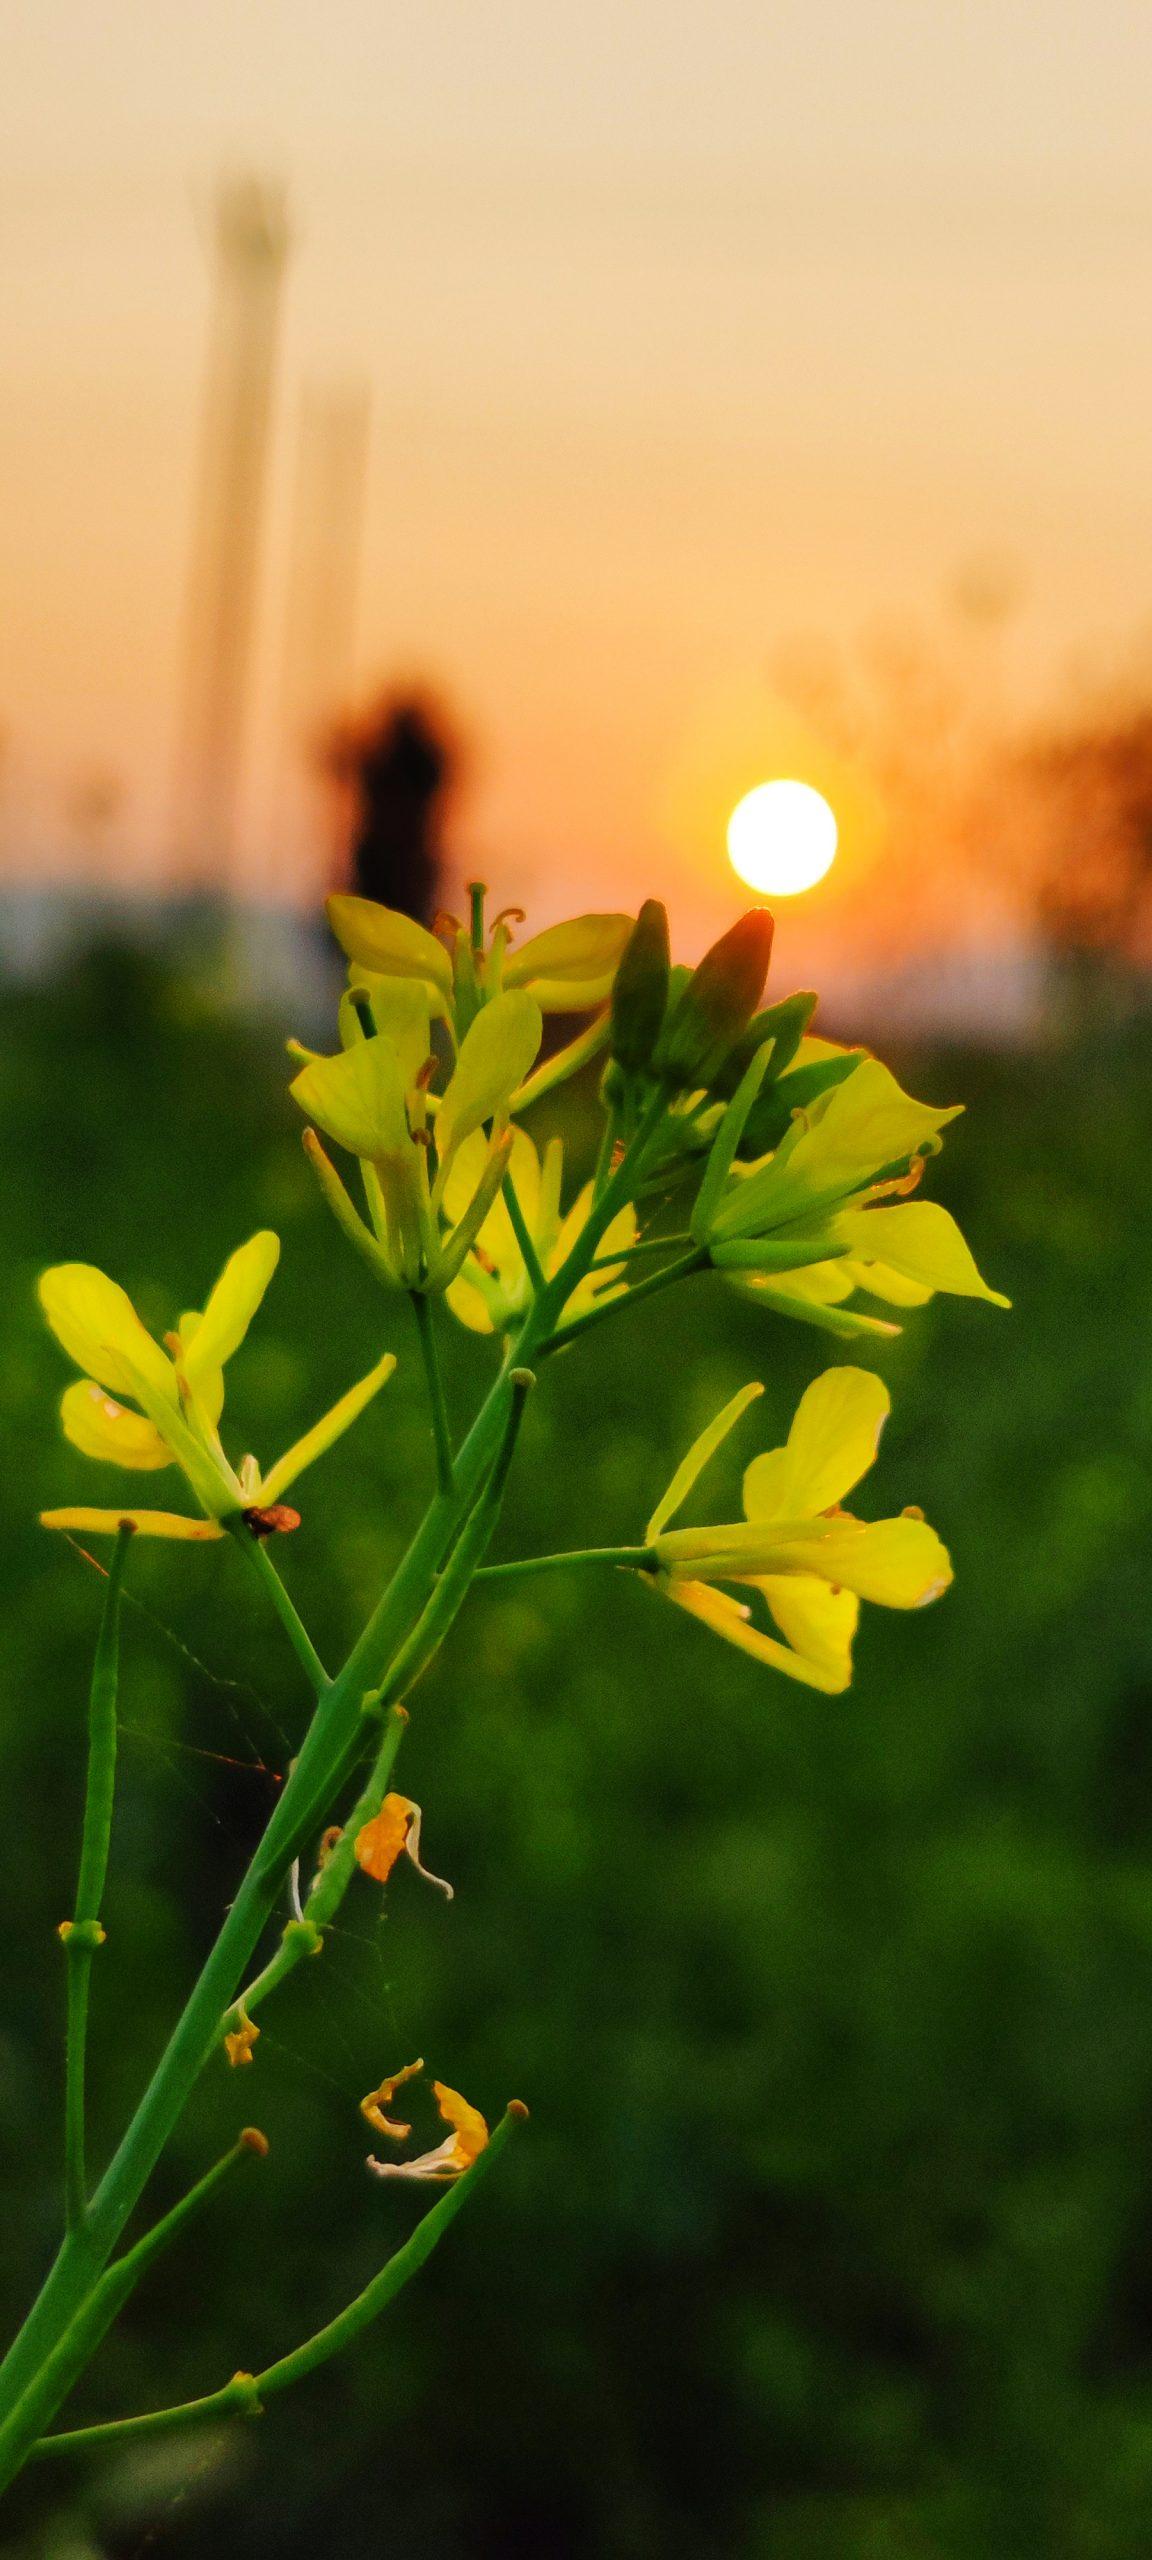 Mustard plant in sunlight